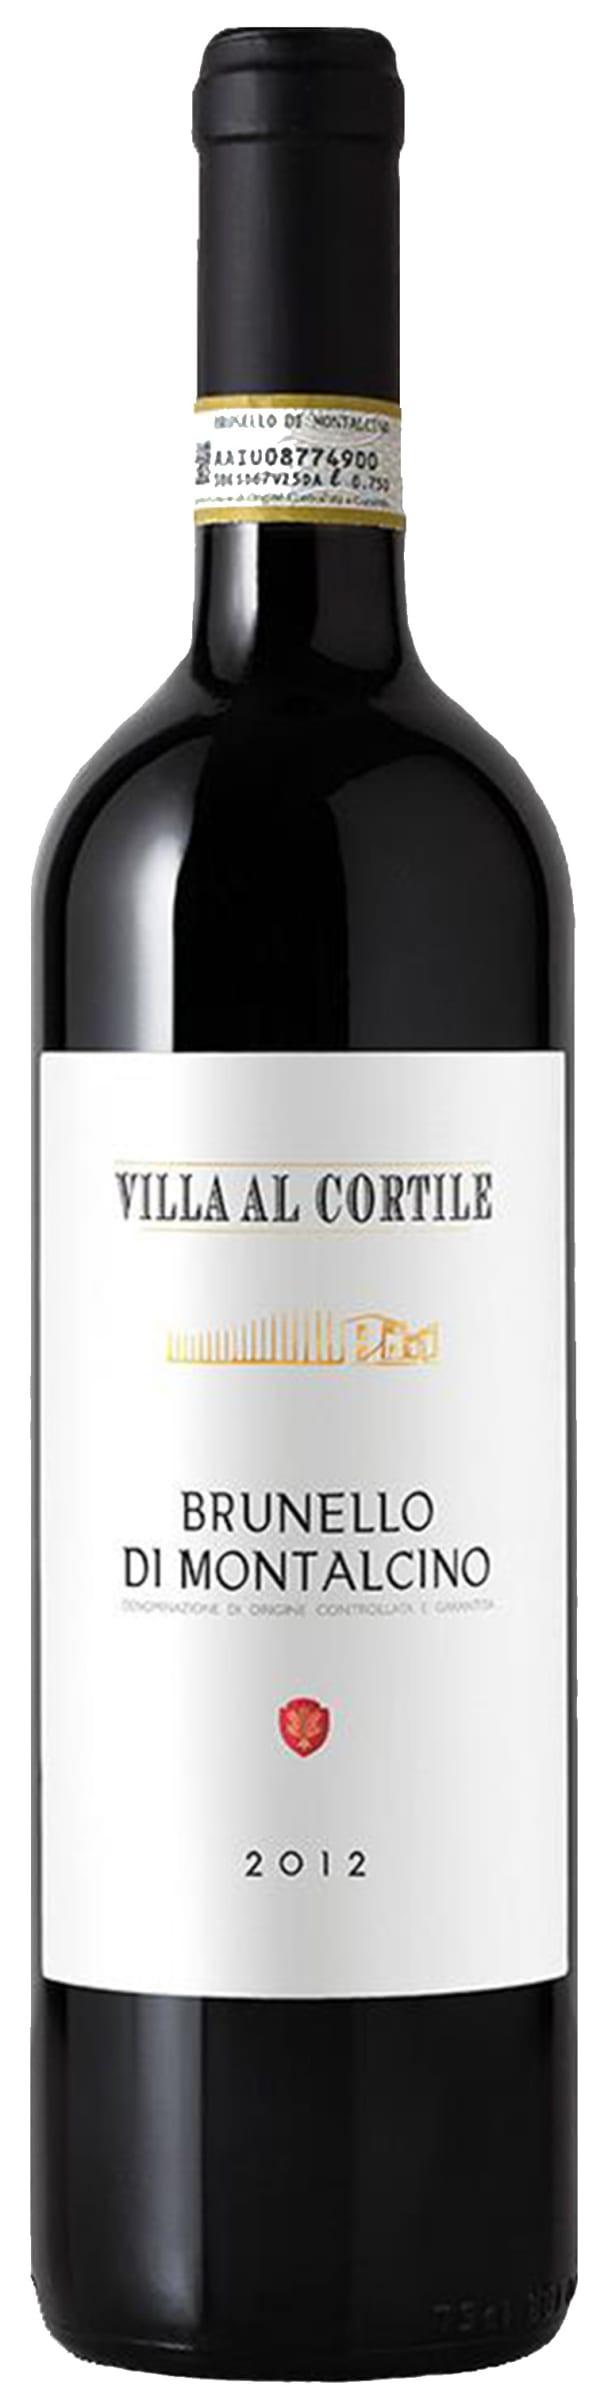 Villa al Cortile Brunello di Montalcino  2012